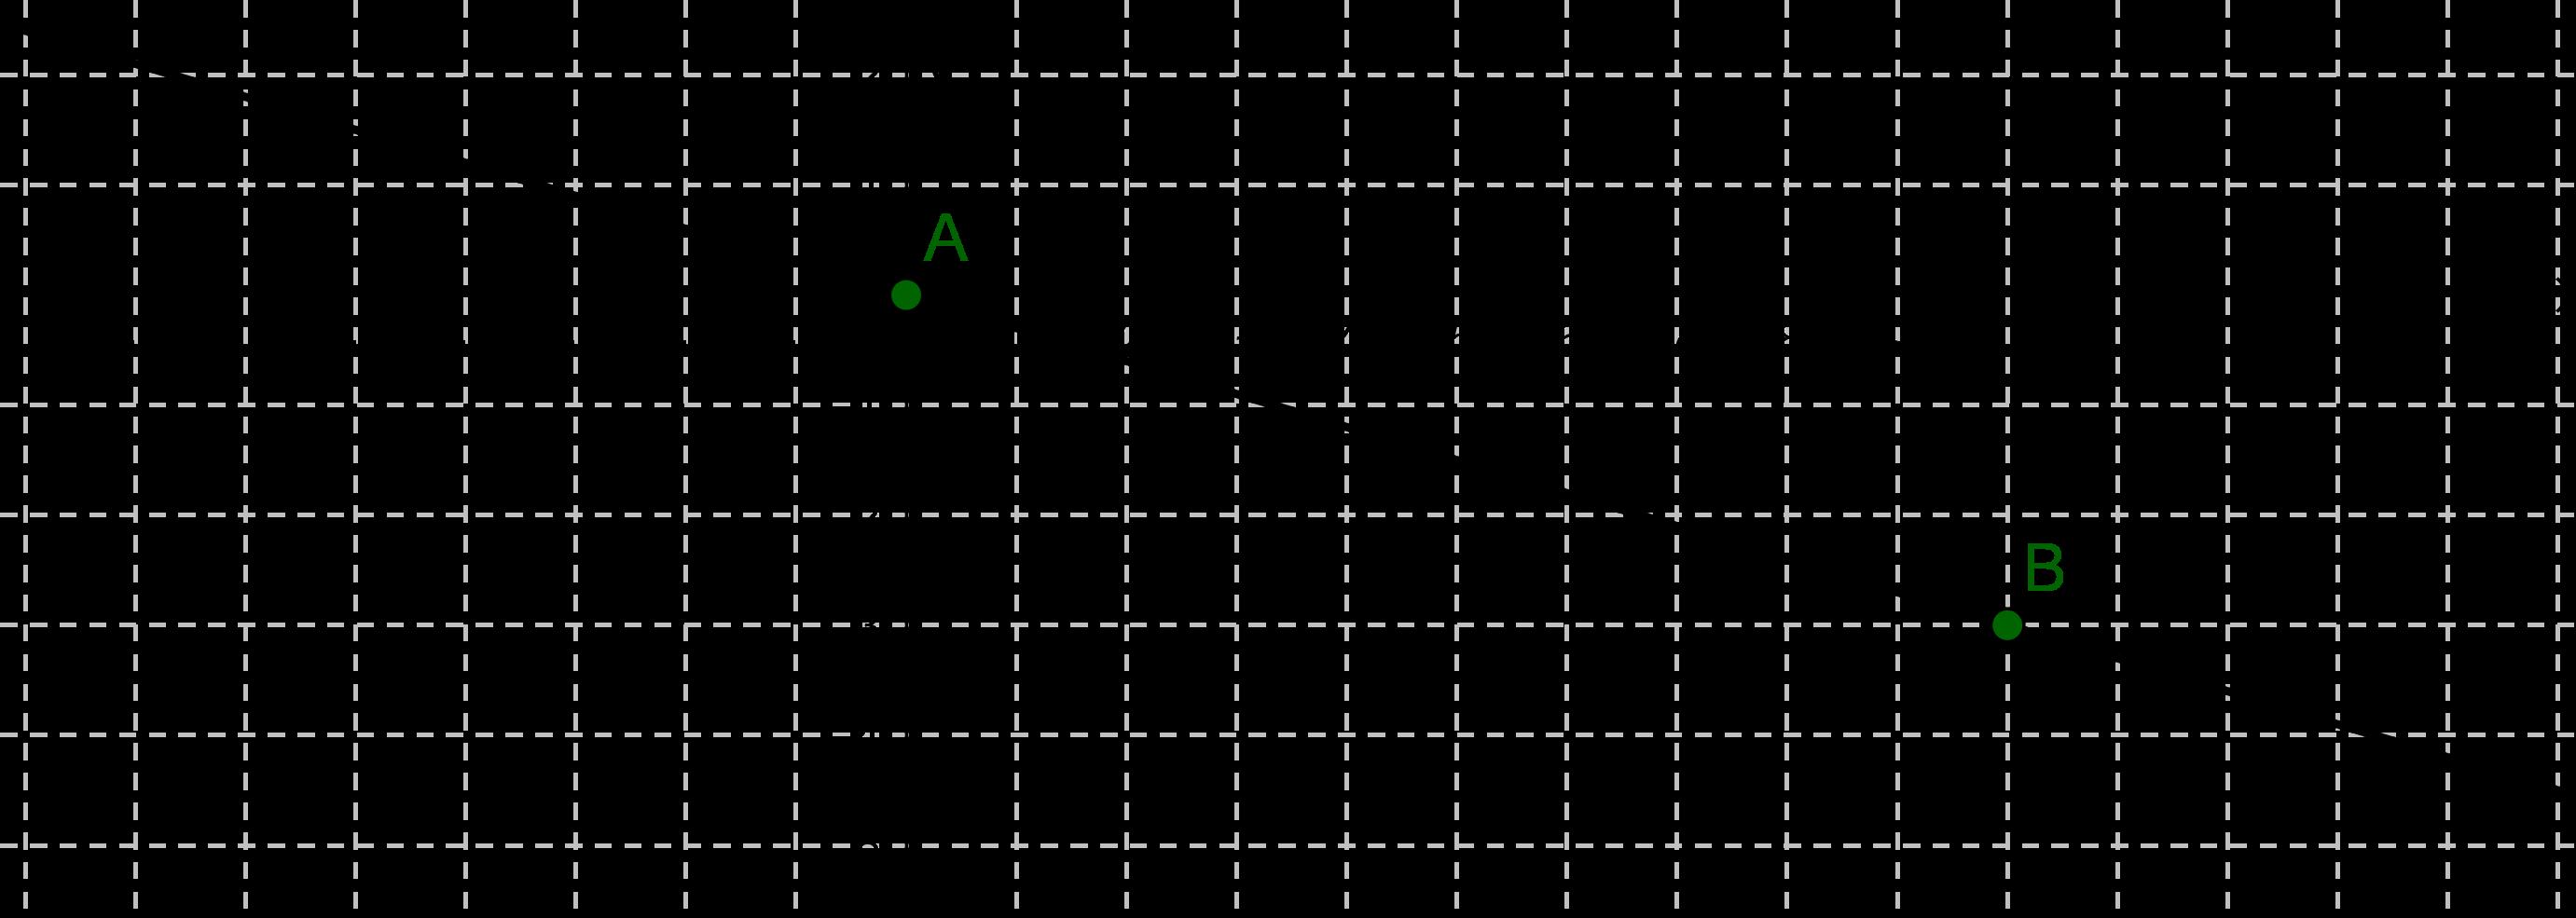 Gerade eingezeichnet in Koordinatensystem